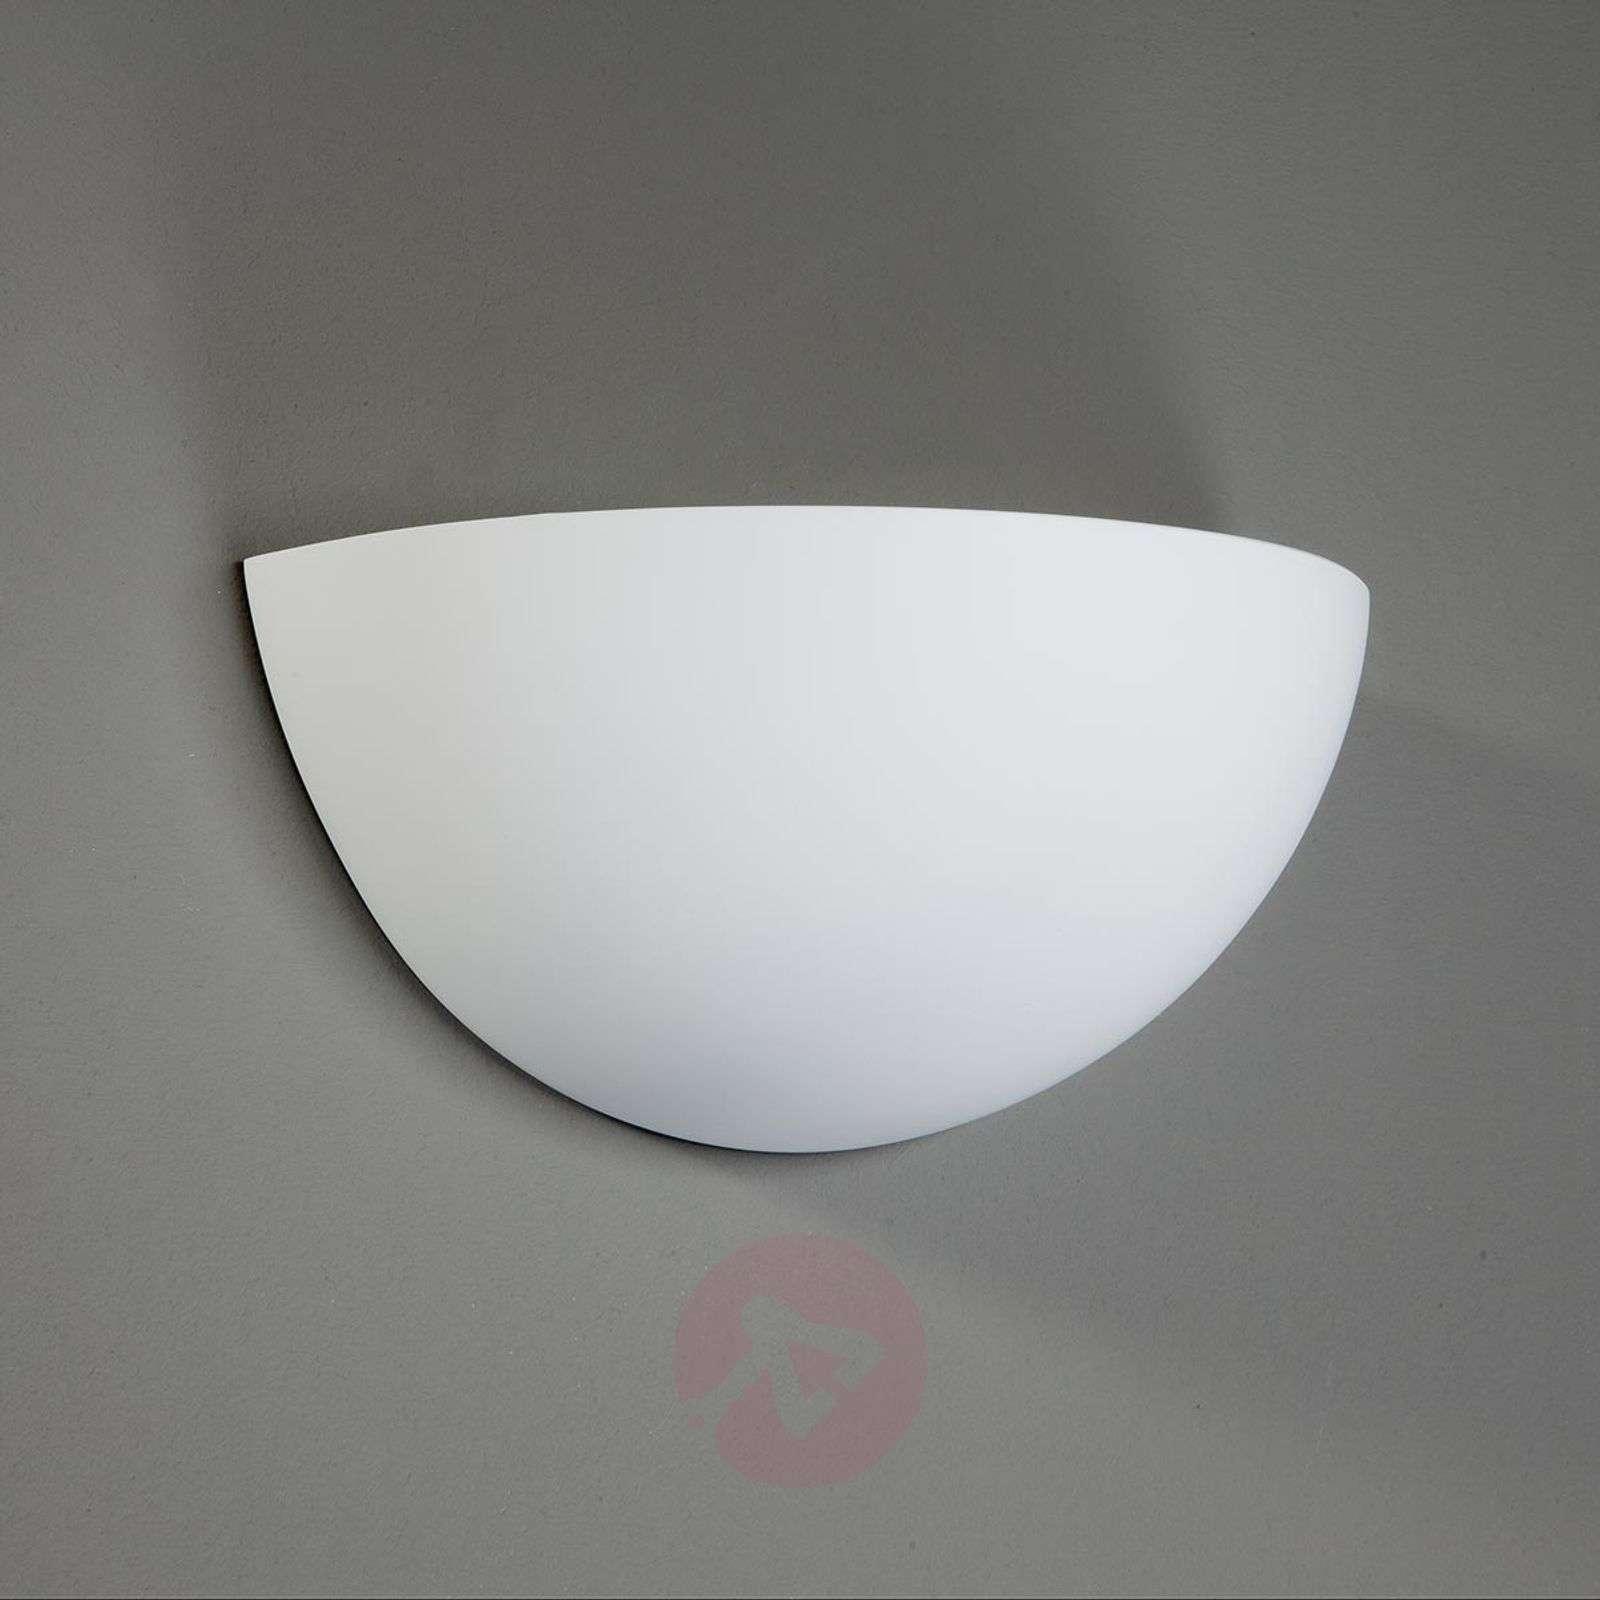 Pascali Wall Light Indirect Shine Plaster-9613005-01